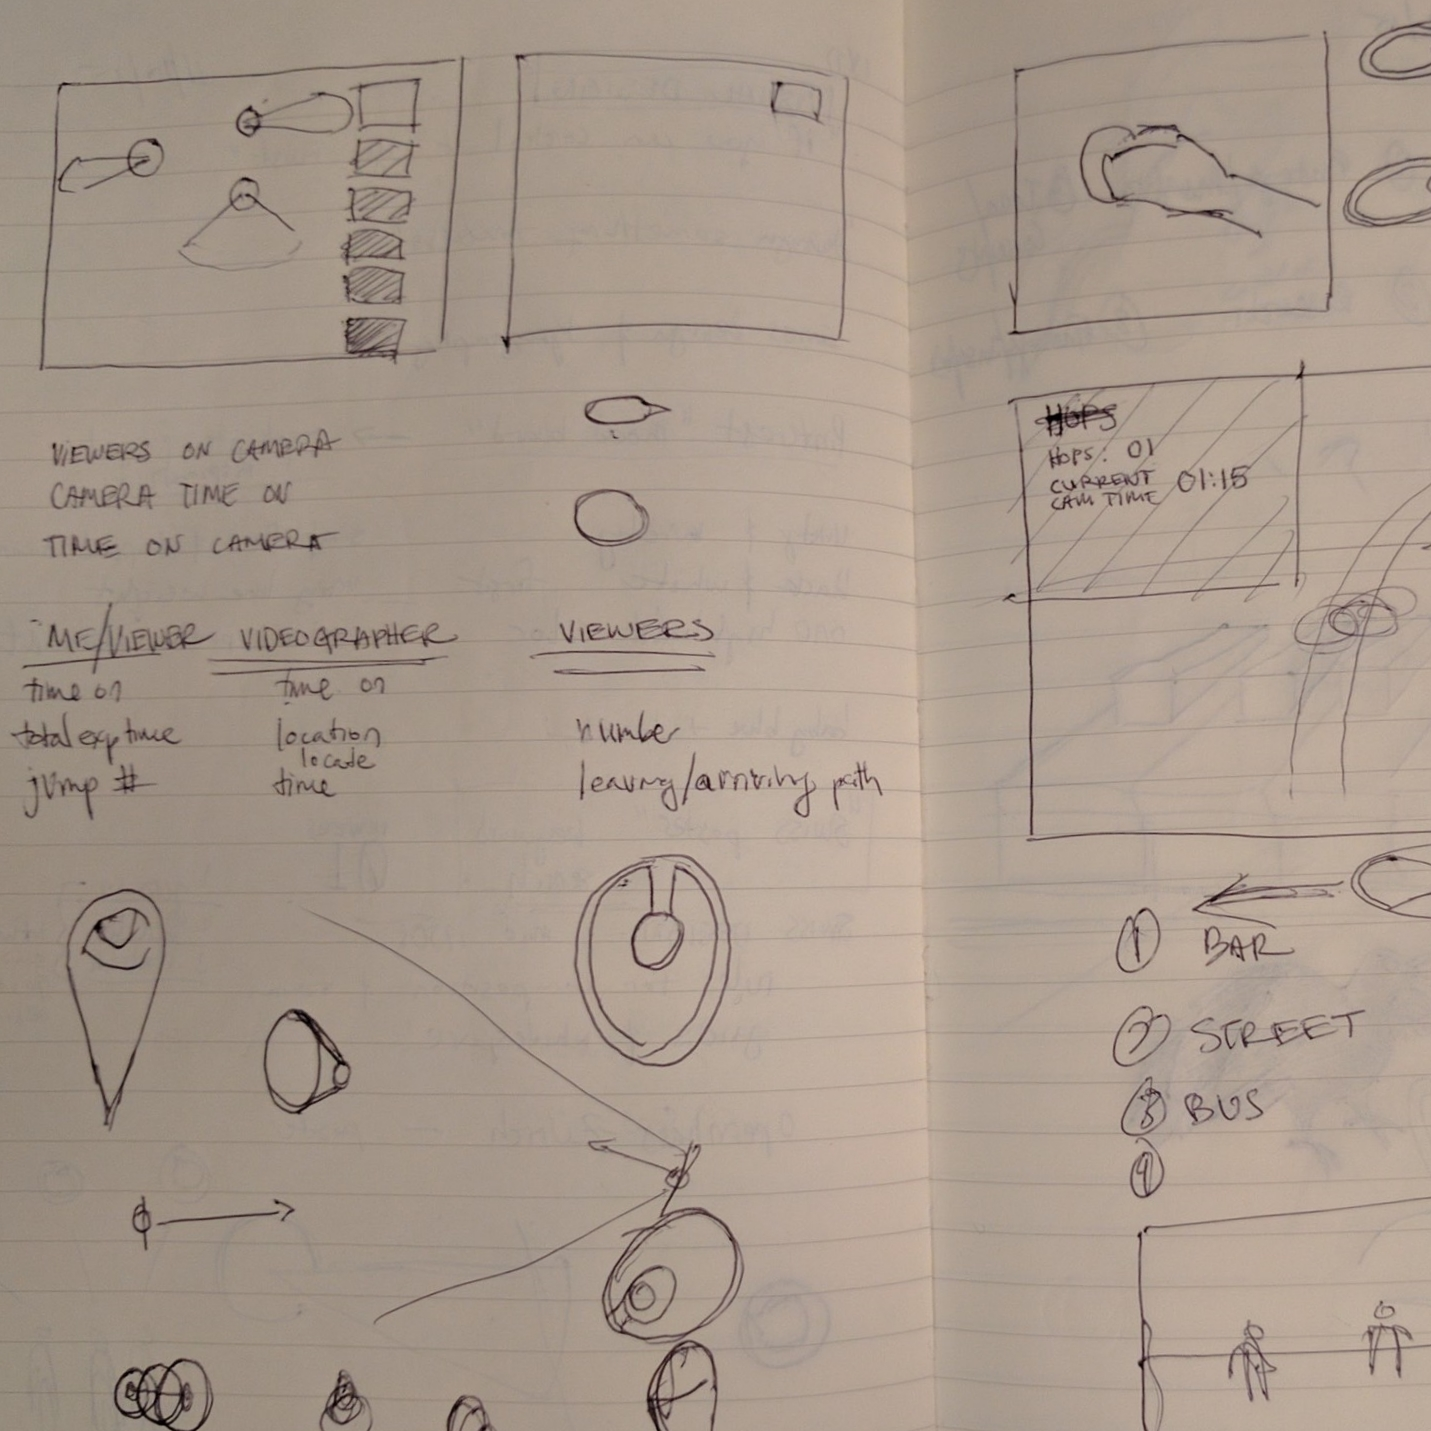 ui sketches 2.1.jpg